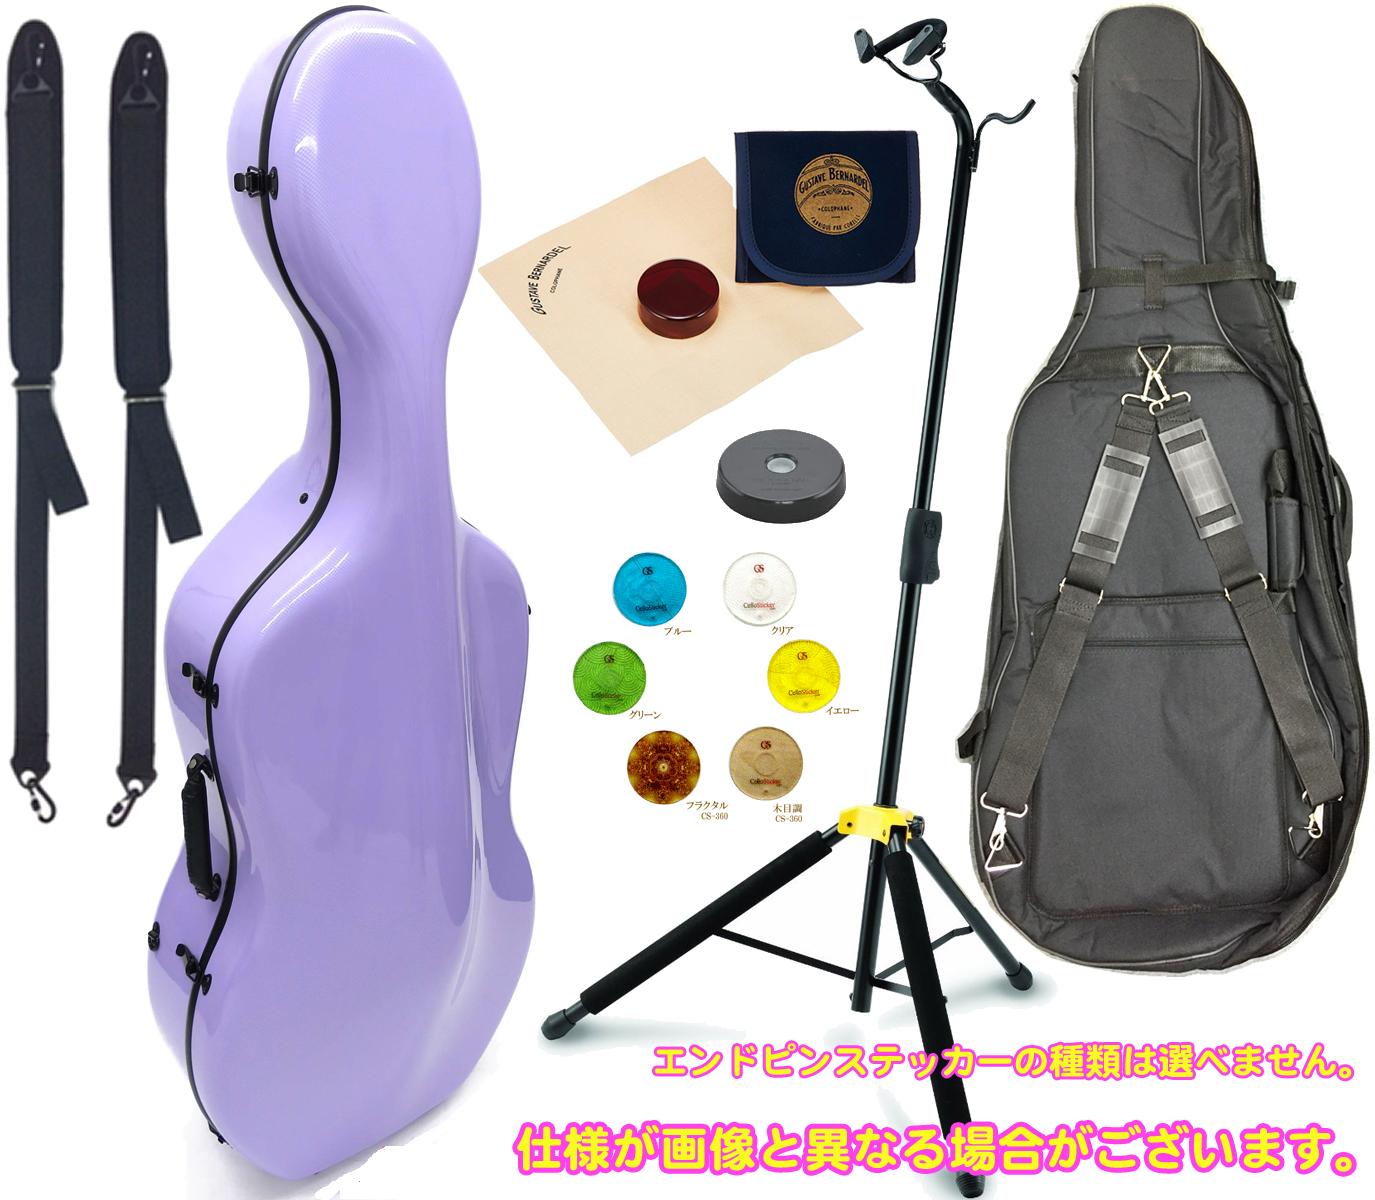 Carbon Mac ( カーボンマック ) CFC-3 LVD チェロケース 薄紫色 4/4サイズ リュック タイプ ハードケース cello hard cases CFC3 ラベンダー セット B  北海道 沖縄 離島不可